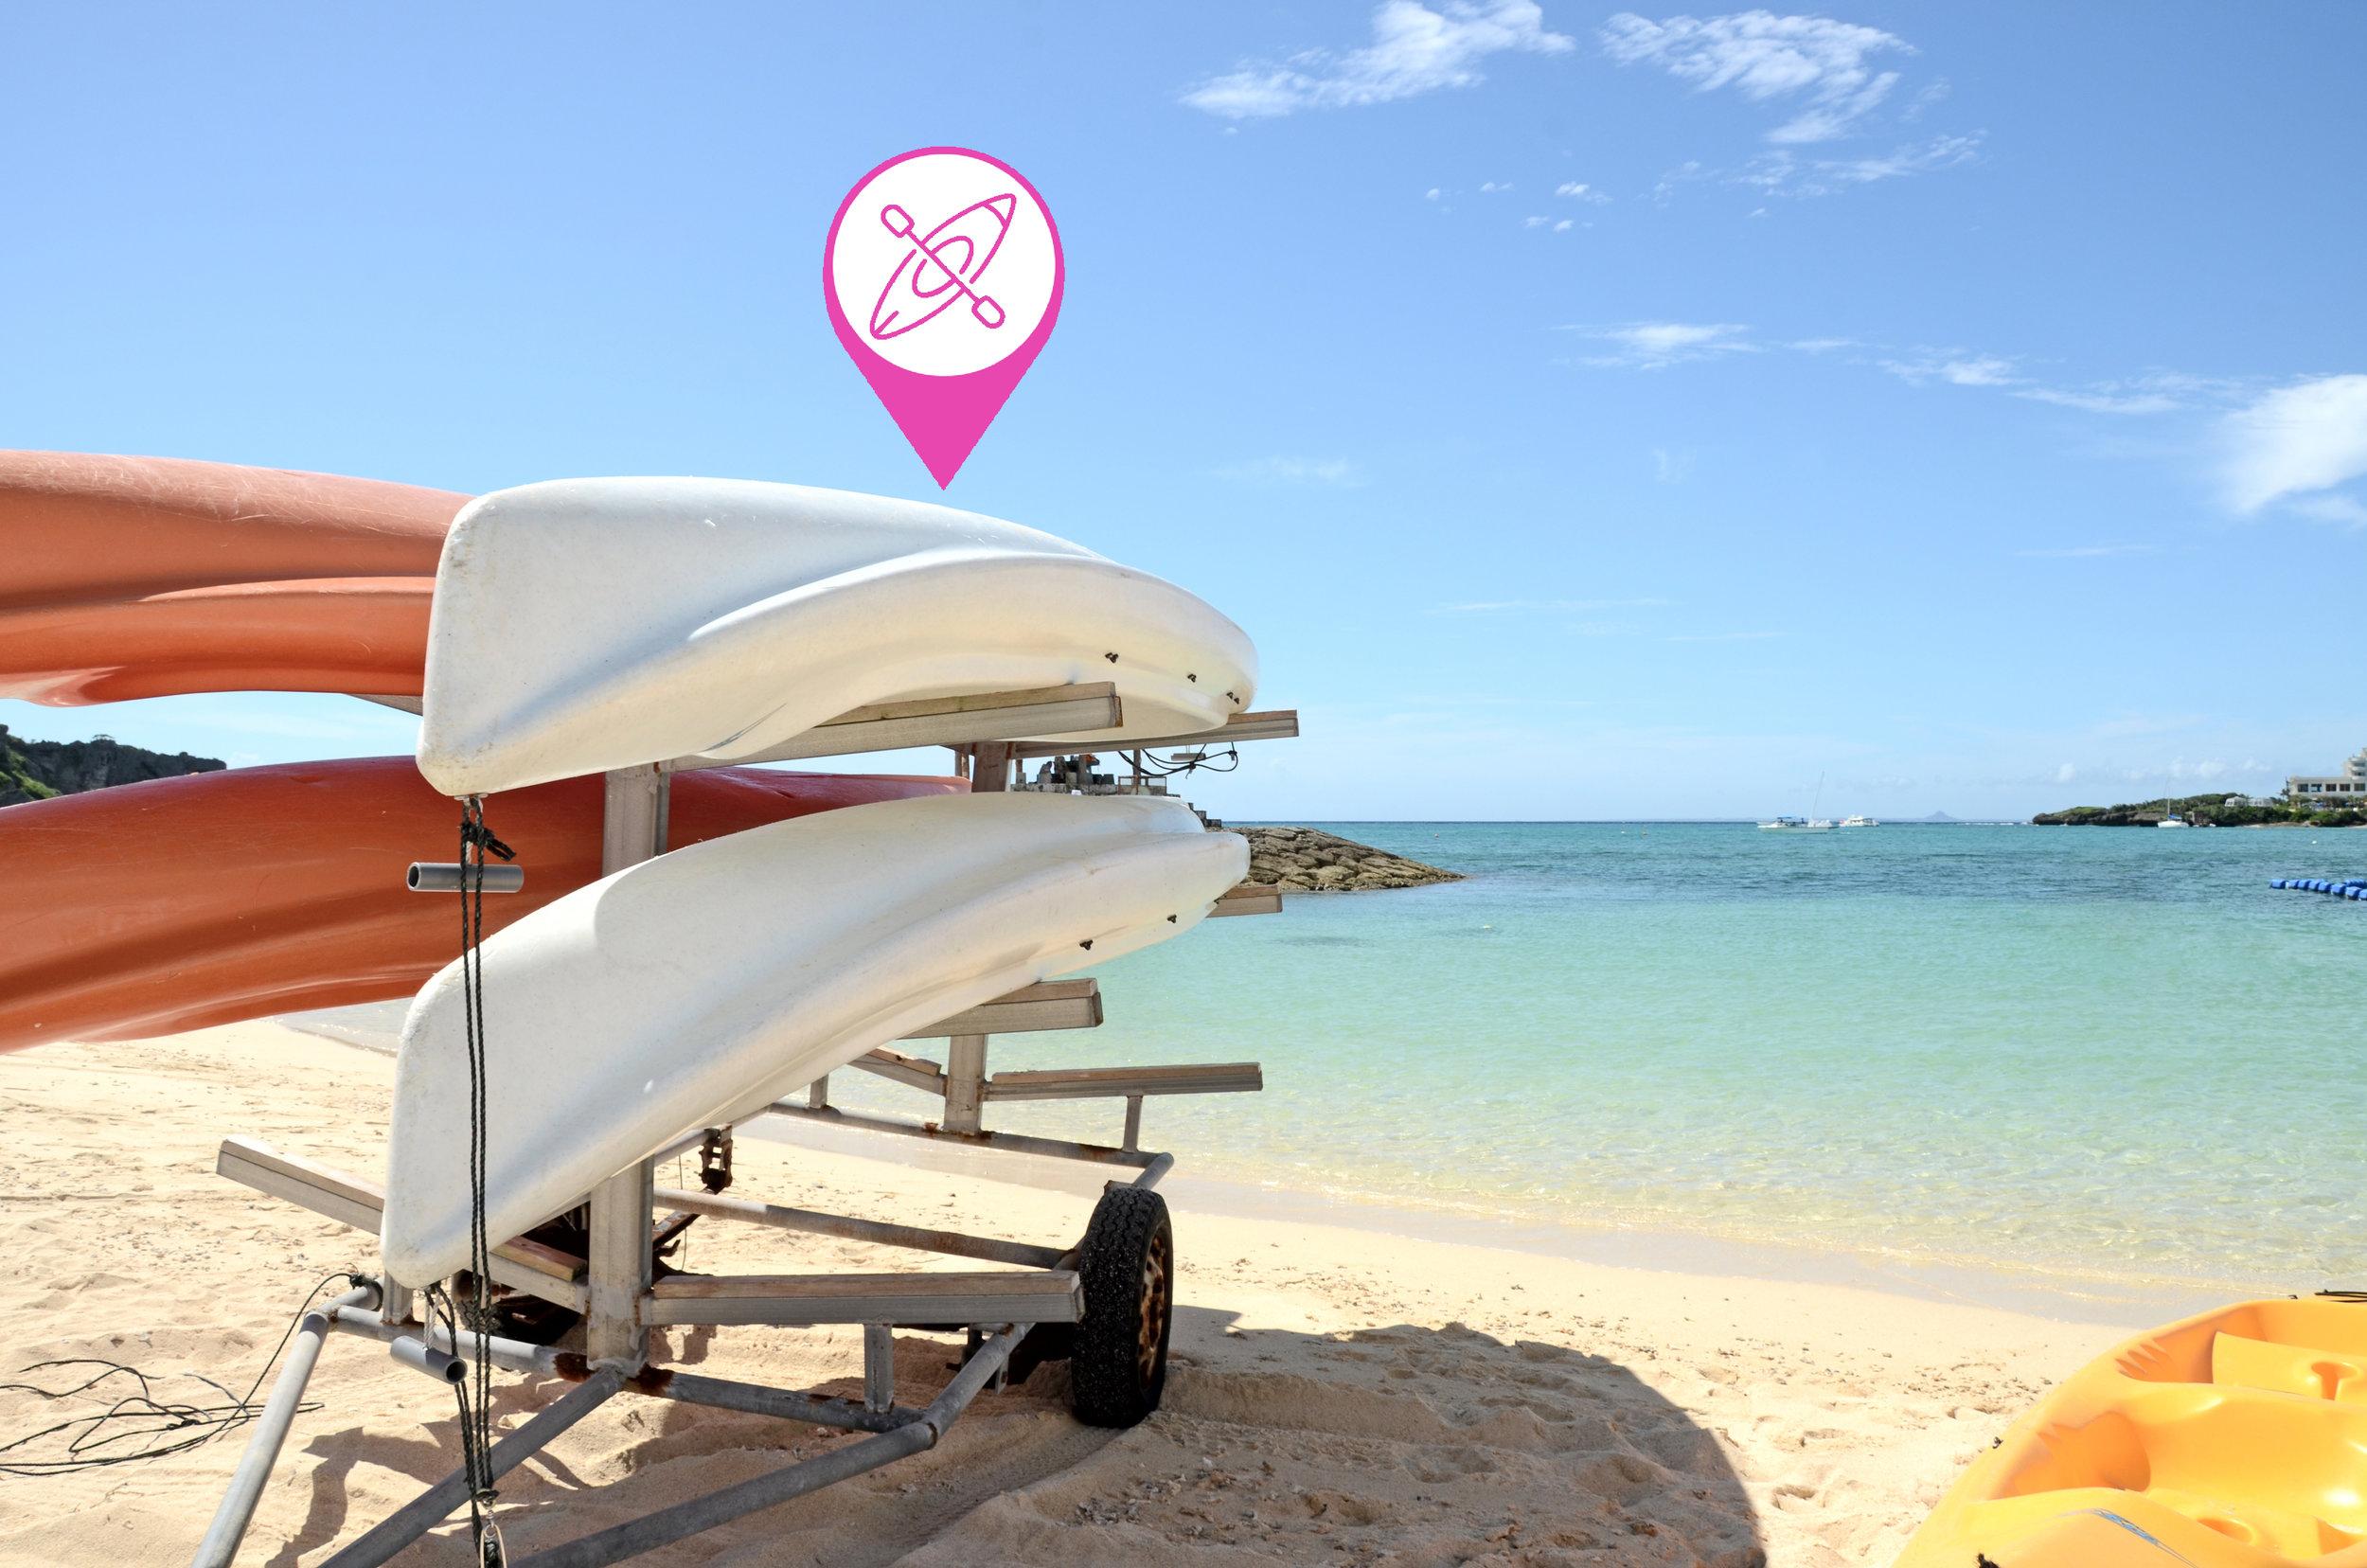 Koloni Paddle - Kayak and Canoe ShareJoin Waitlist ➝